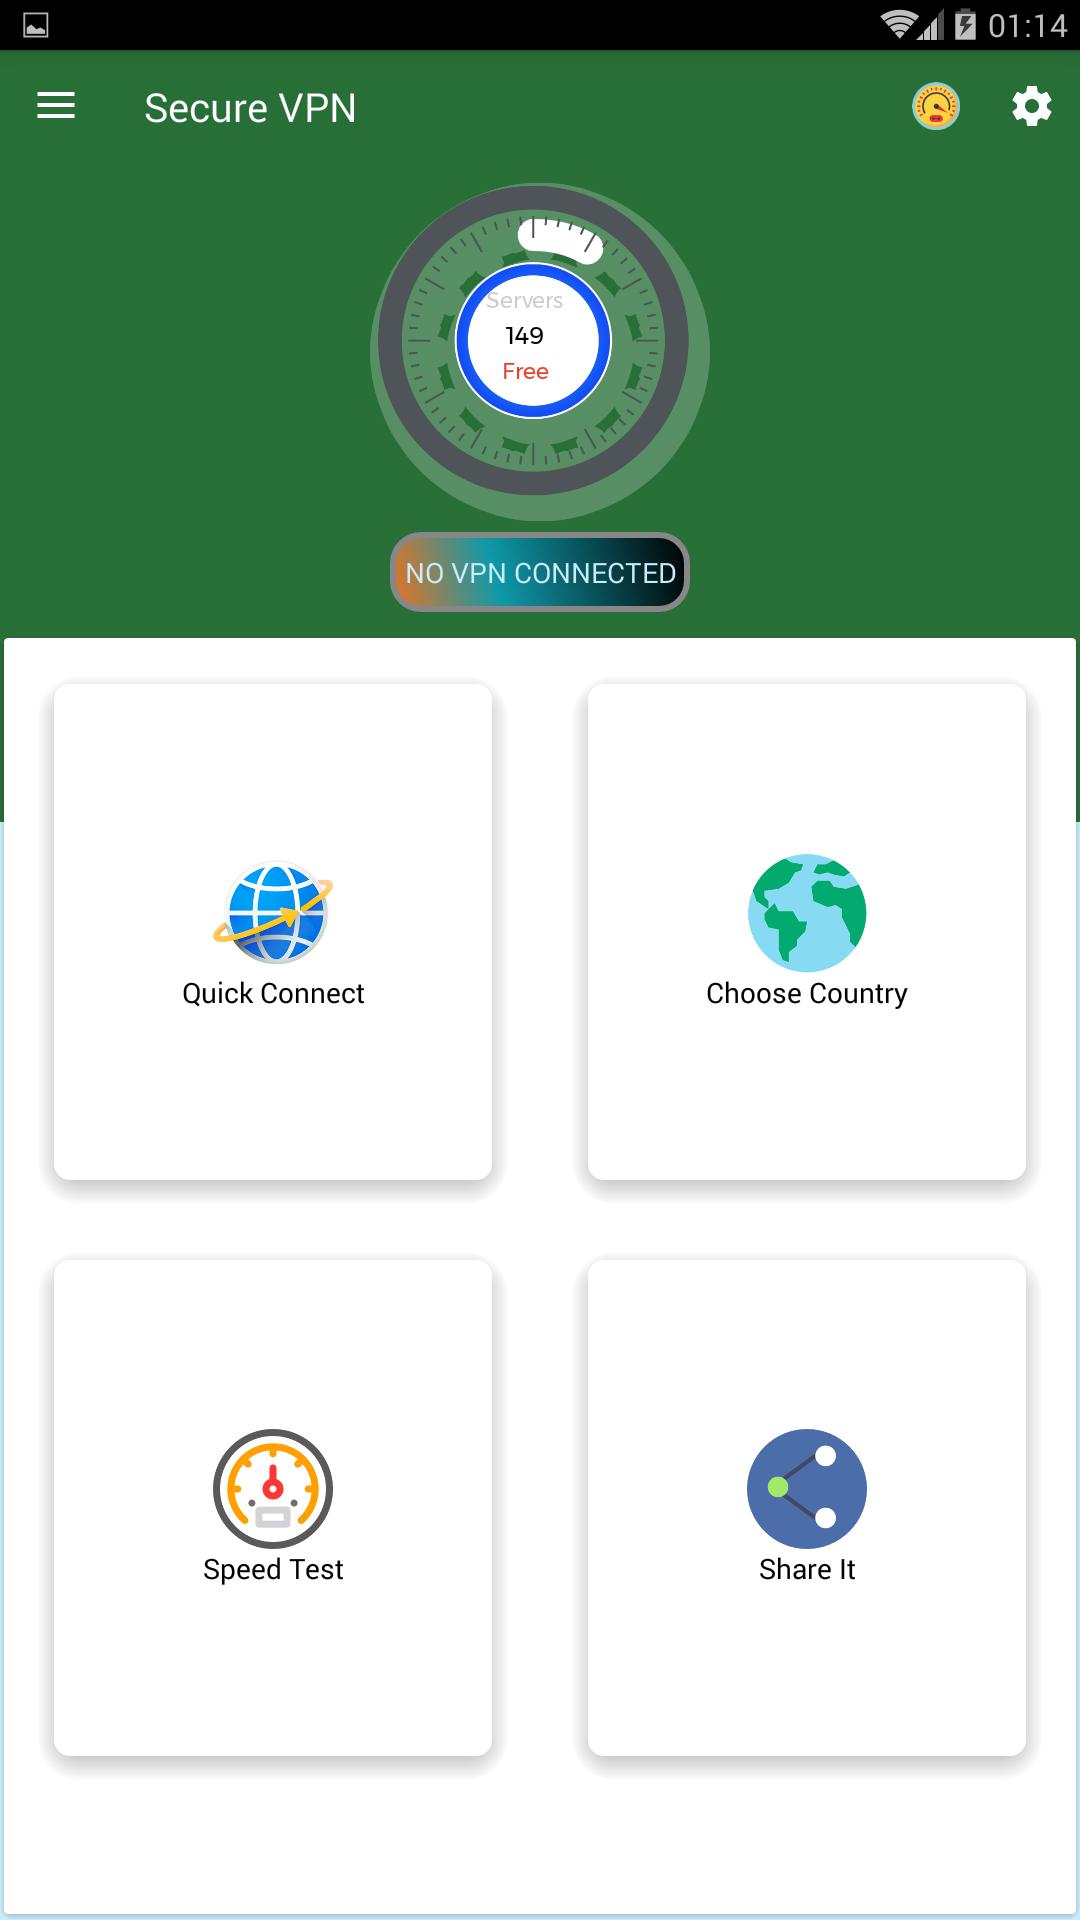 Best Free VPN Services 2019